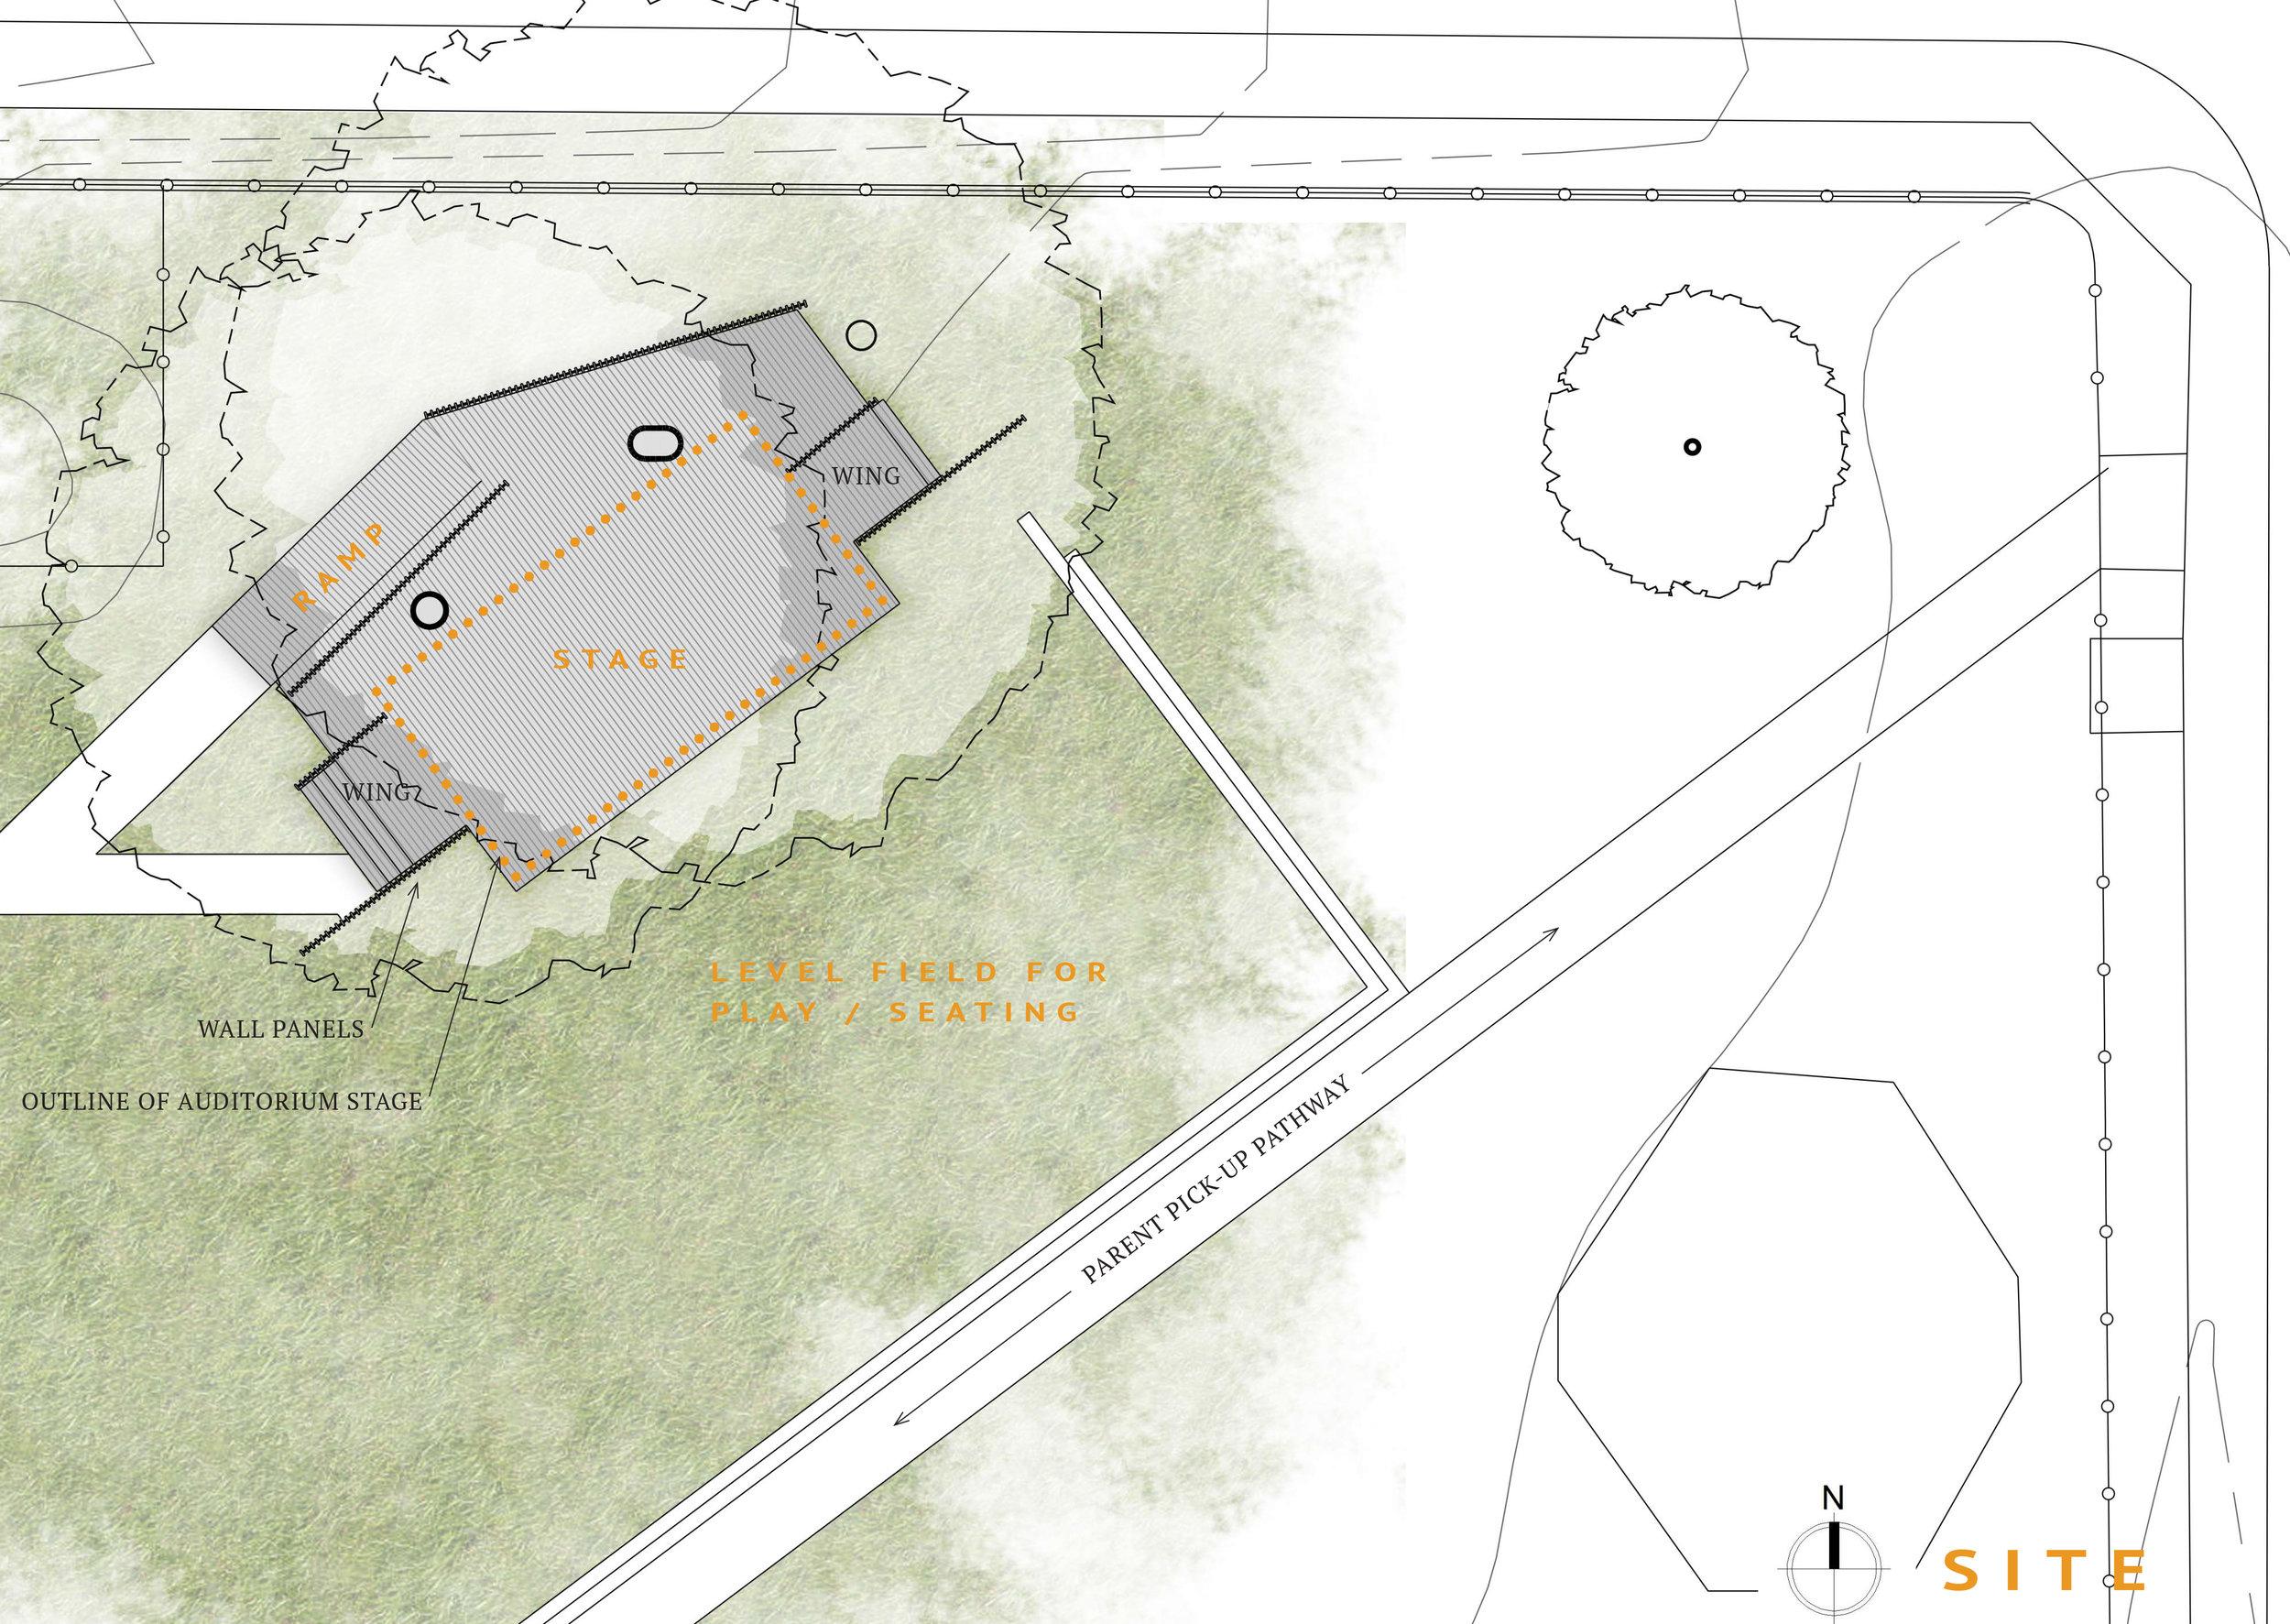 2018_0129c Blackshear_site plan.jpg